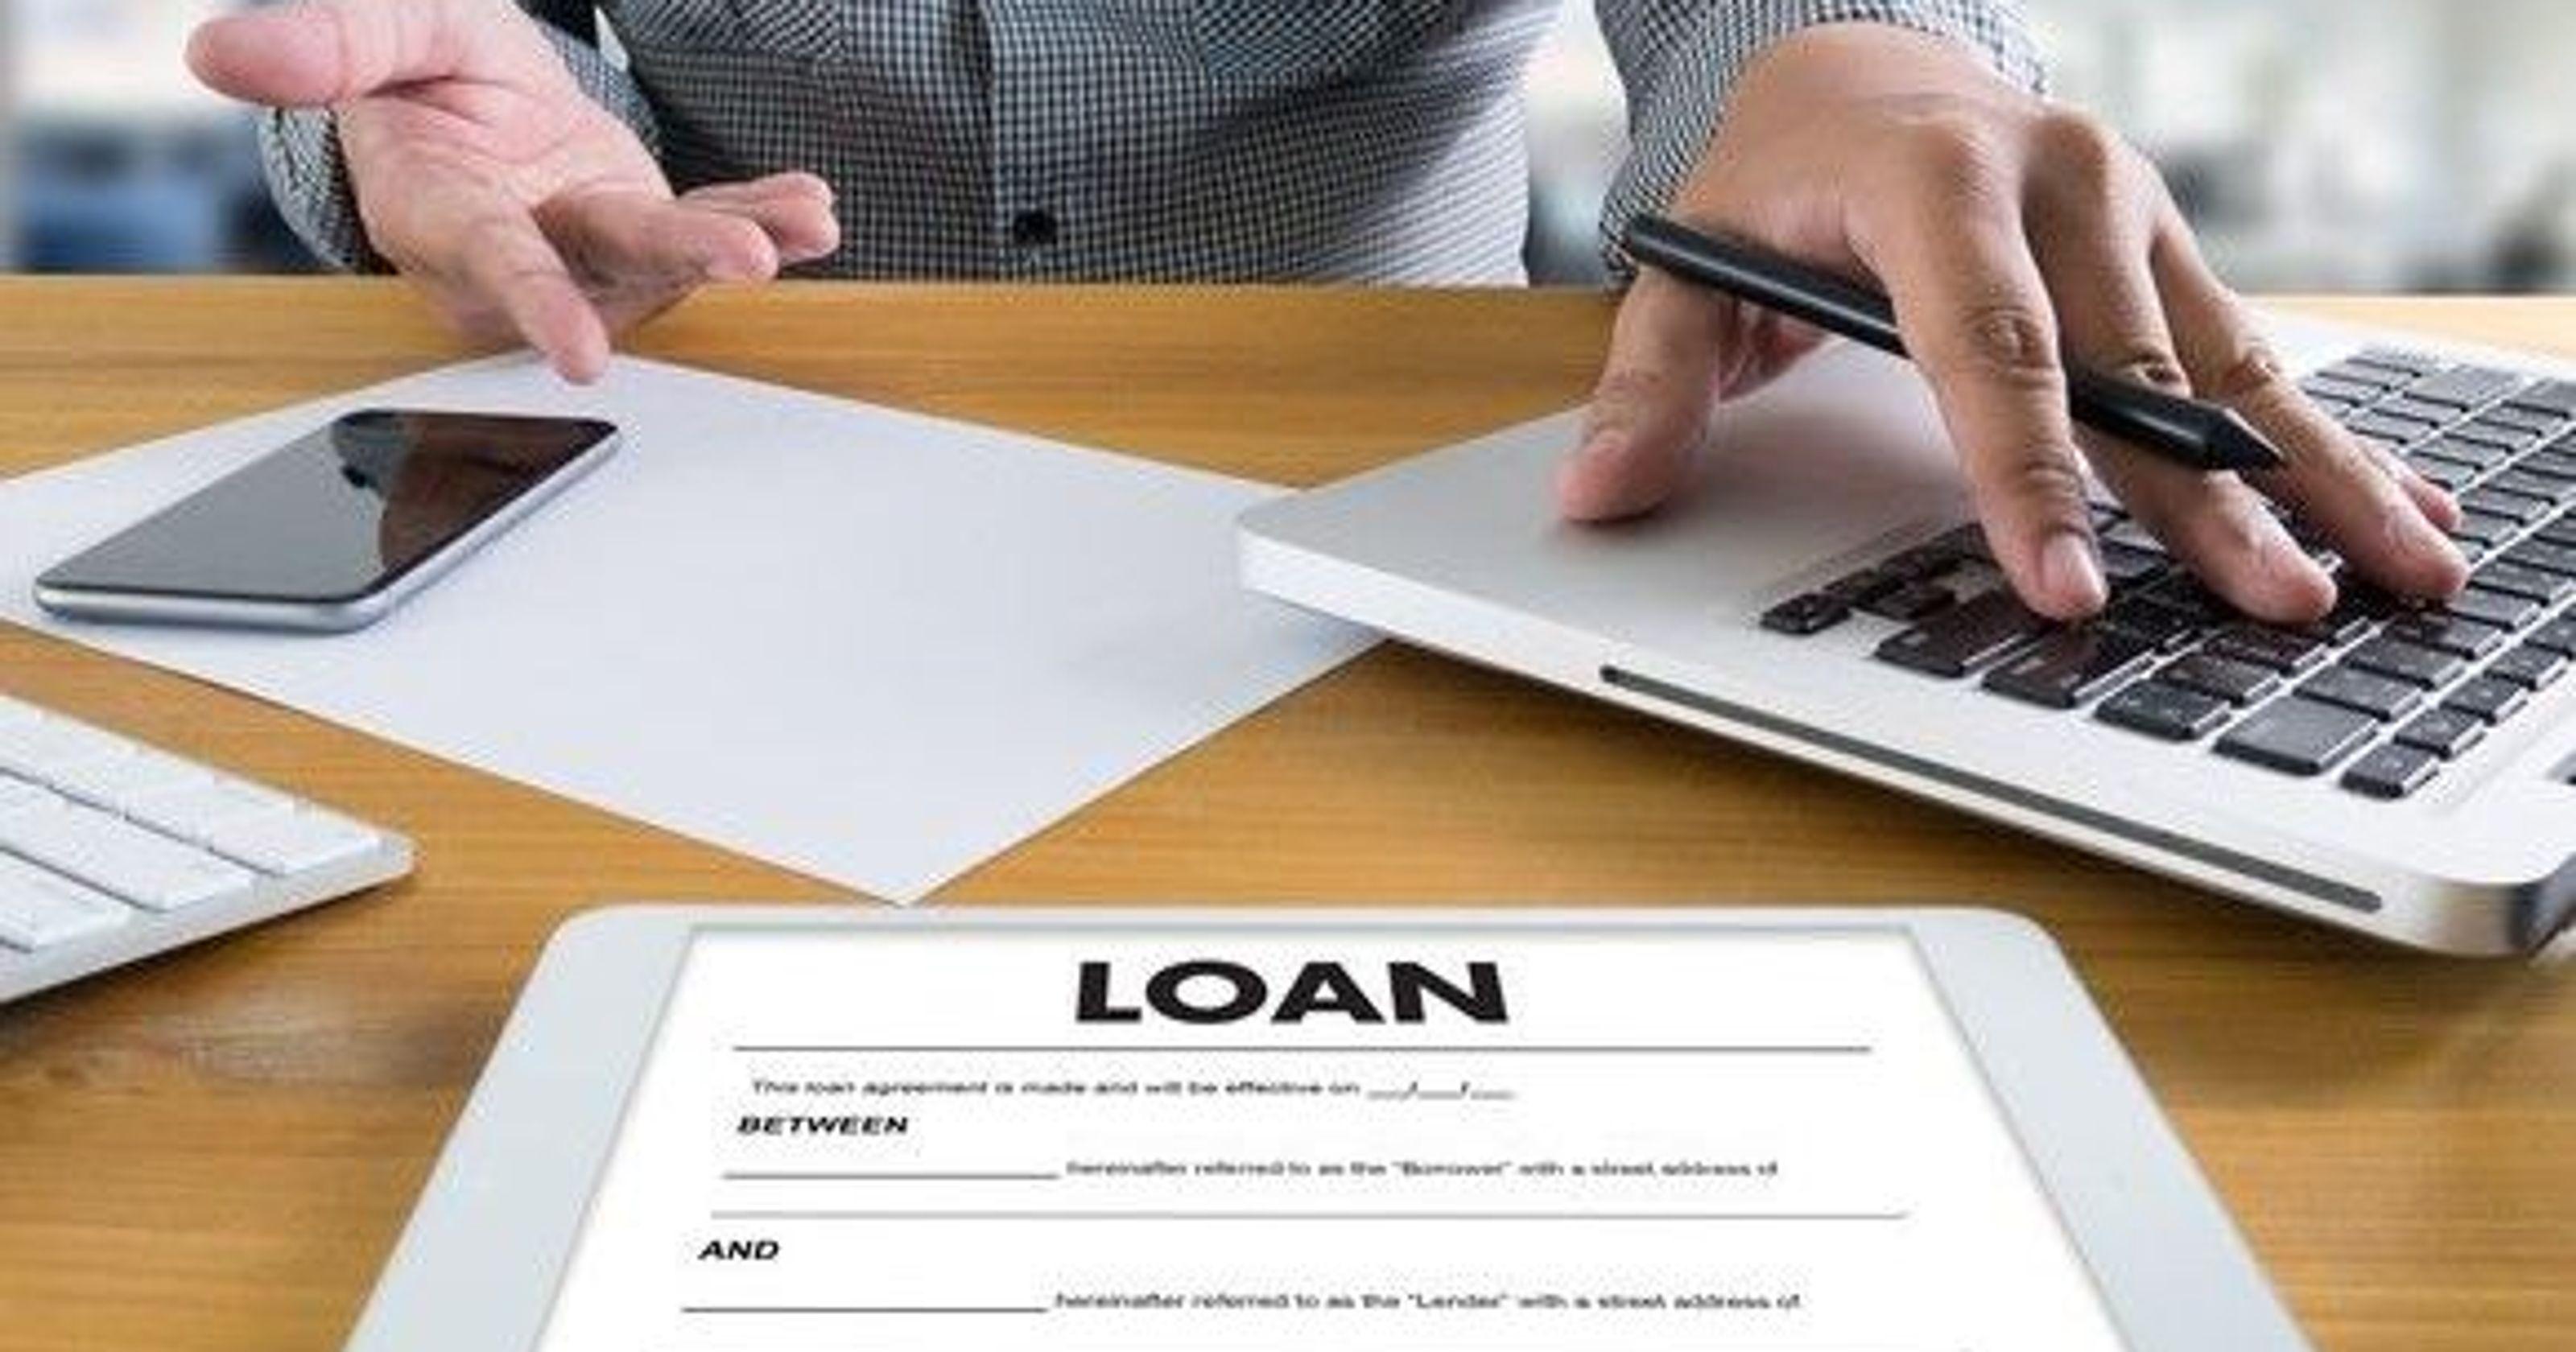 जागिरेले पनि पाउँछन् १५ लाख रुपैयाँसम्म बिना धितो ऋण, डेरामा बस्ने कर्मचारीलाई अवसर